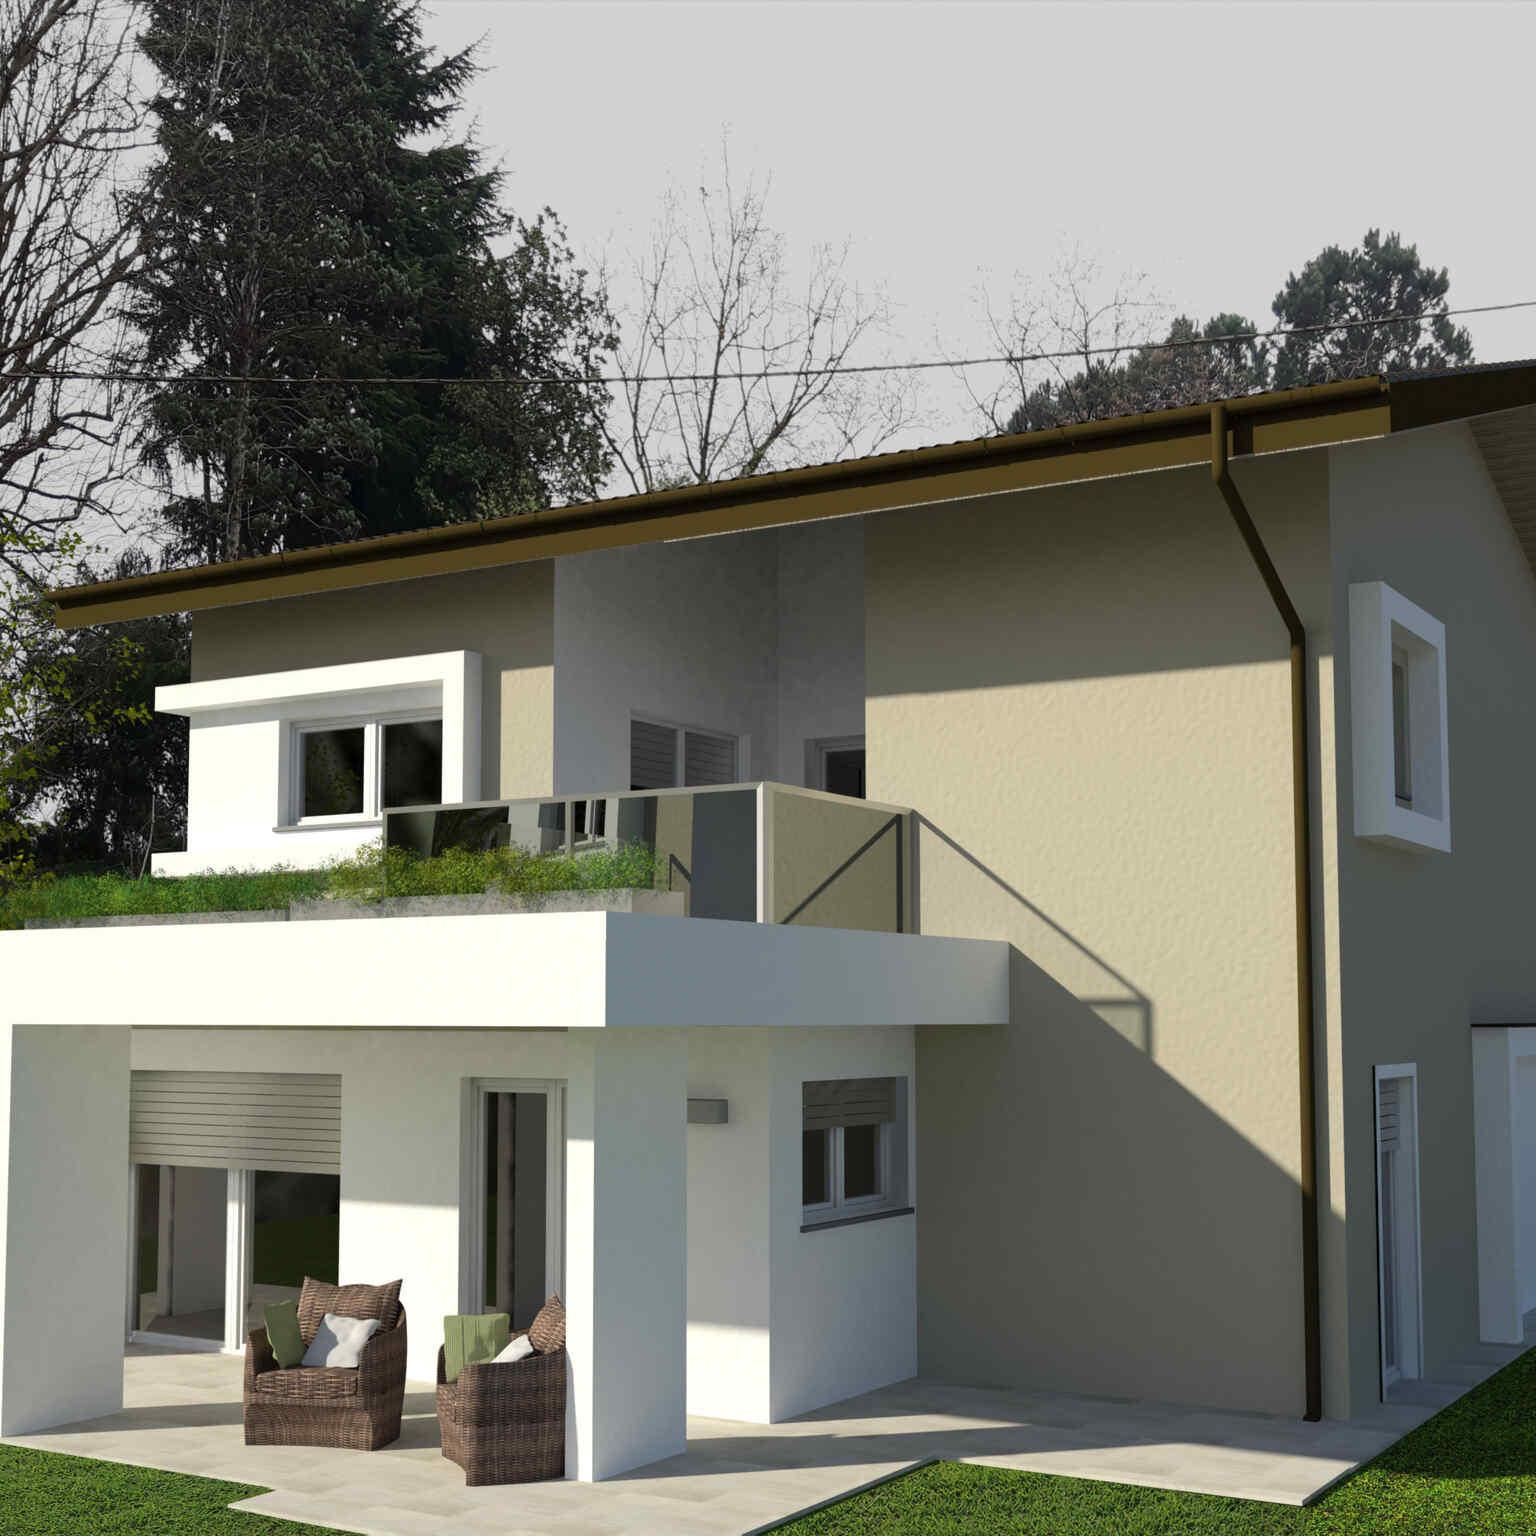 Vario Haus lunedì 5 marzo 2018 vario haus consegna una nuova abitazione a